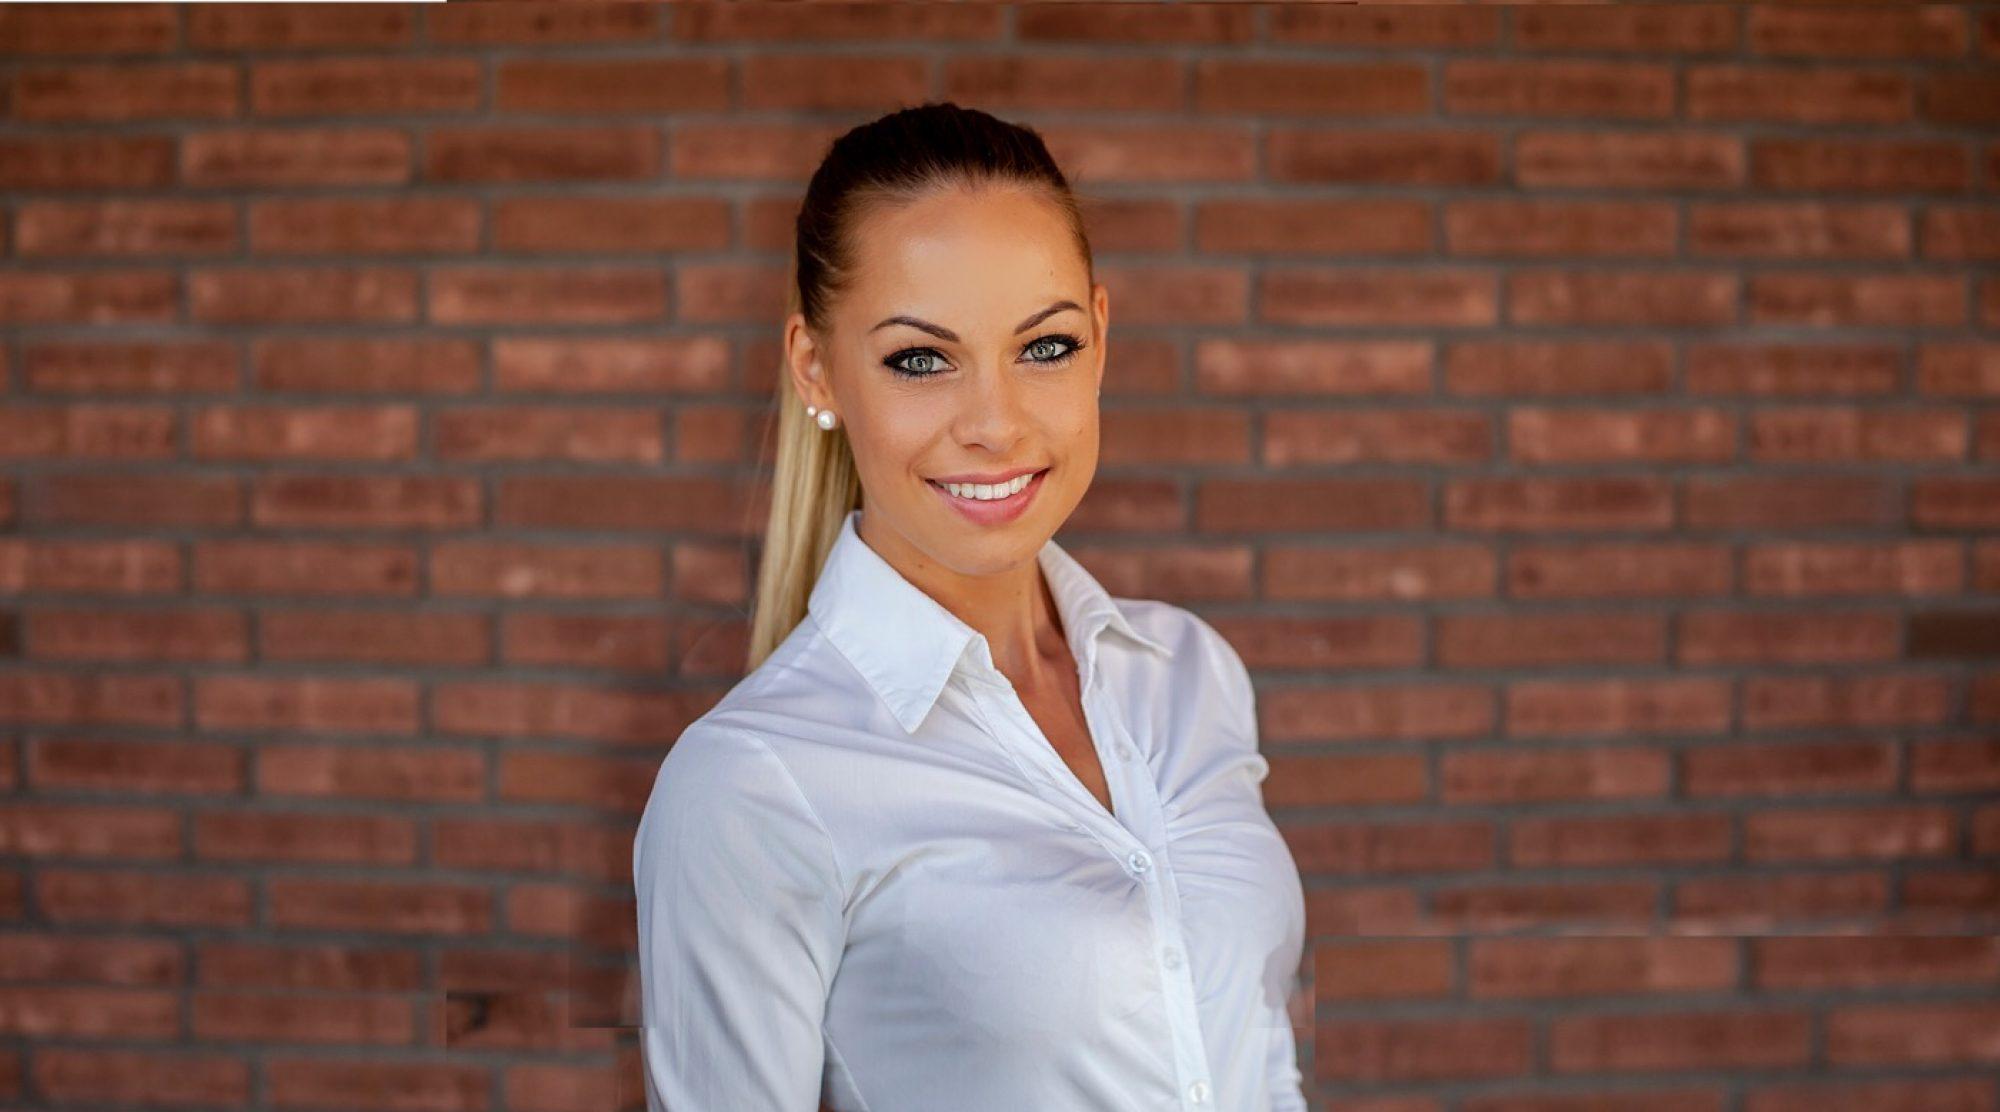 Podani Krisztina - Pszichológus Szeged